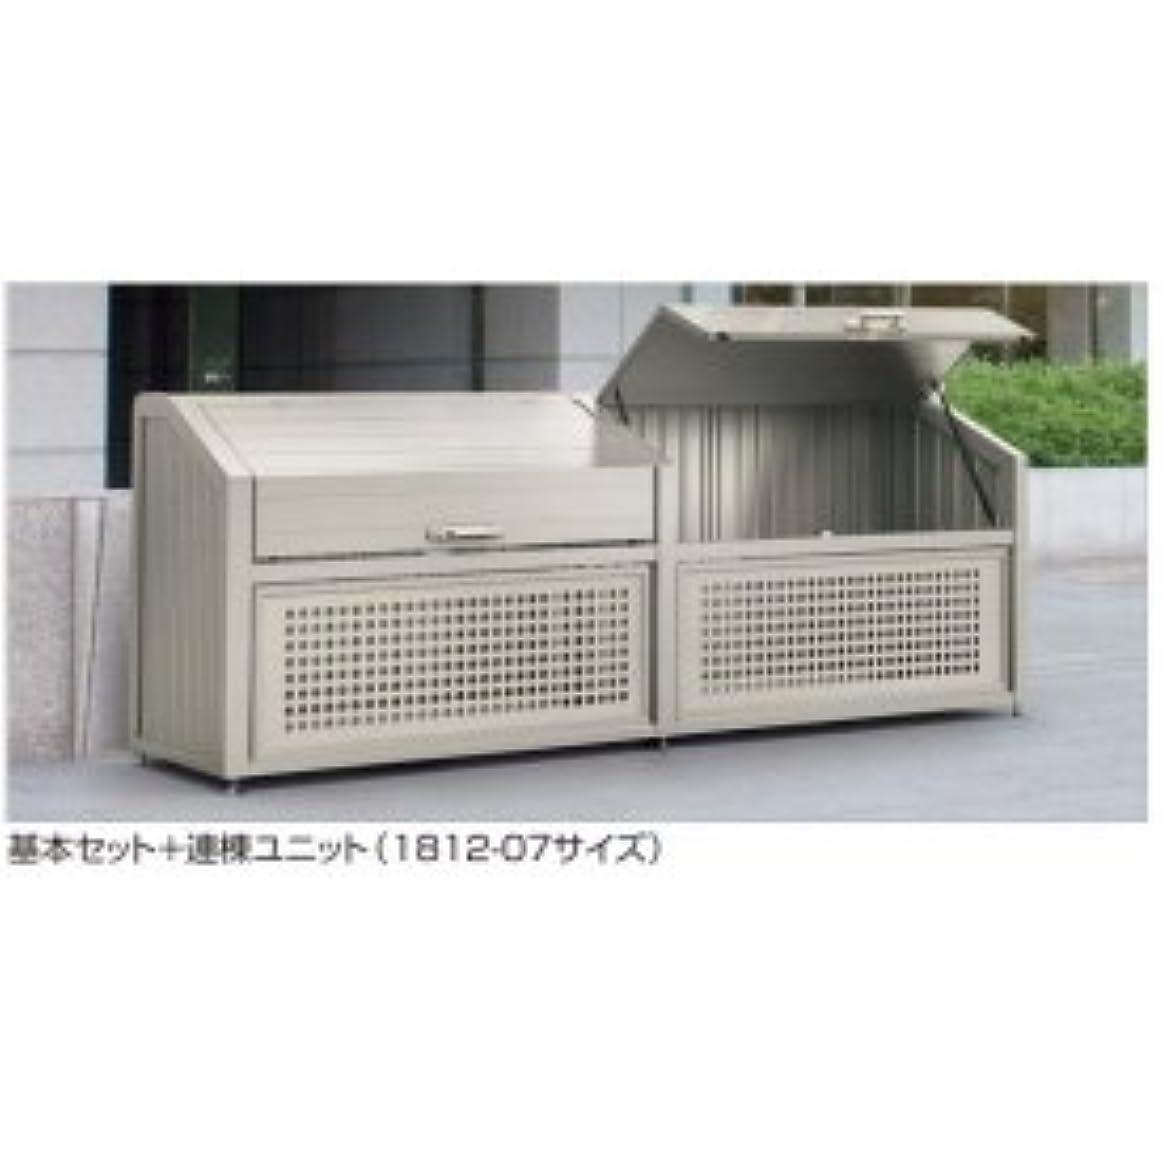 第五猟犬ホステル四国化成 ゴミストッカー PS型 奥行800用?連棟ユニット LGPS-1812-08SC ステンカラー